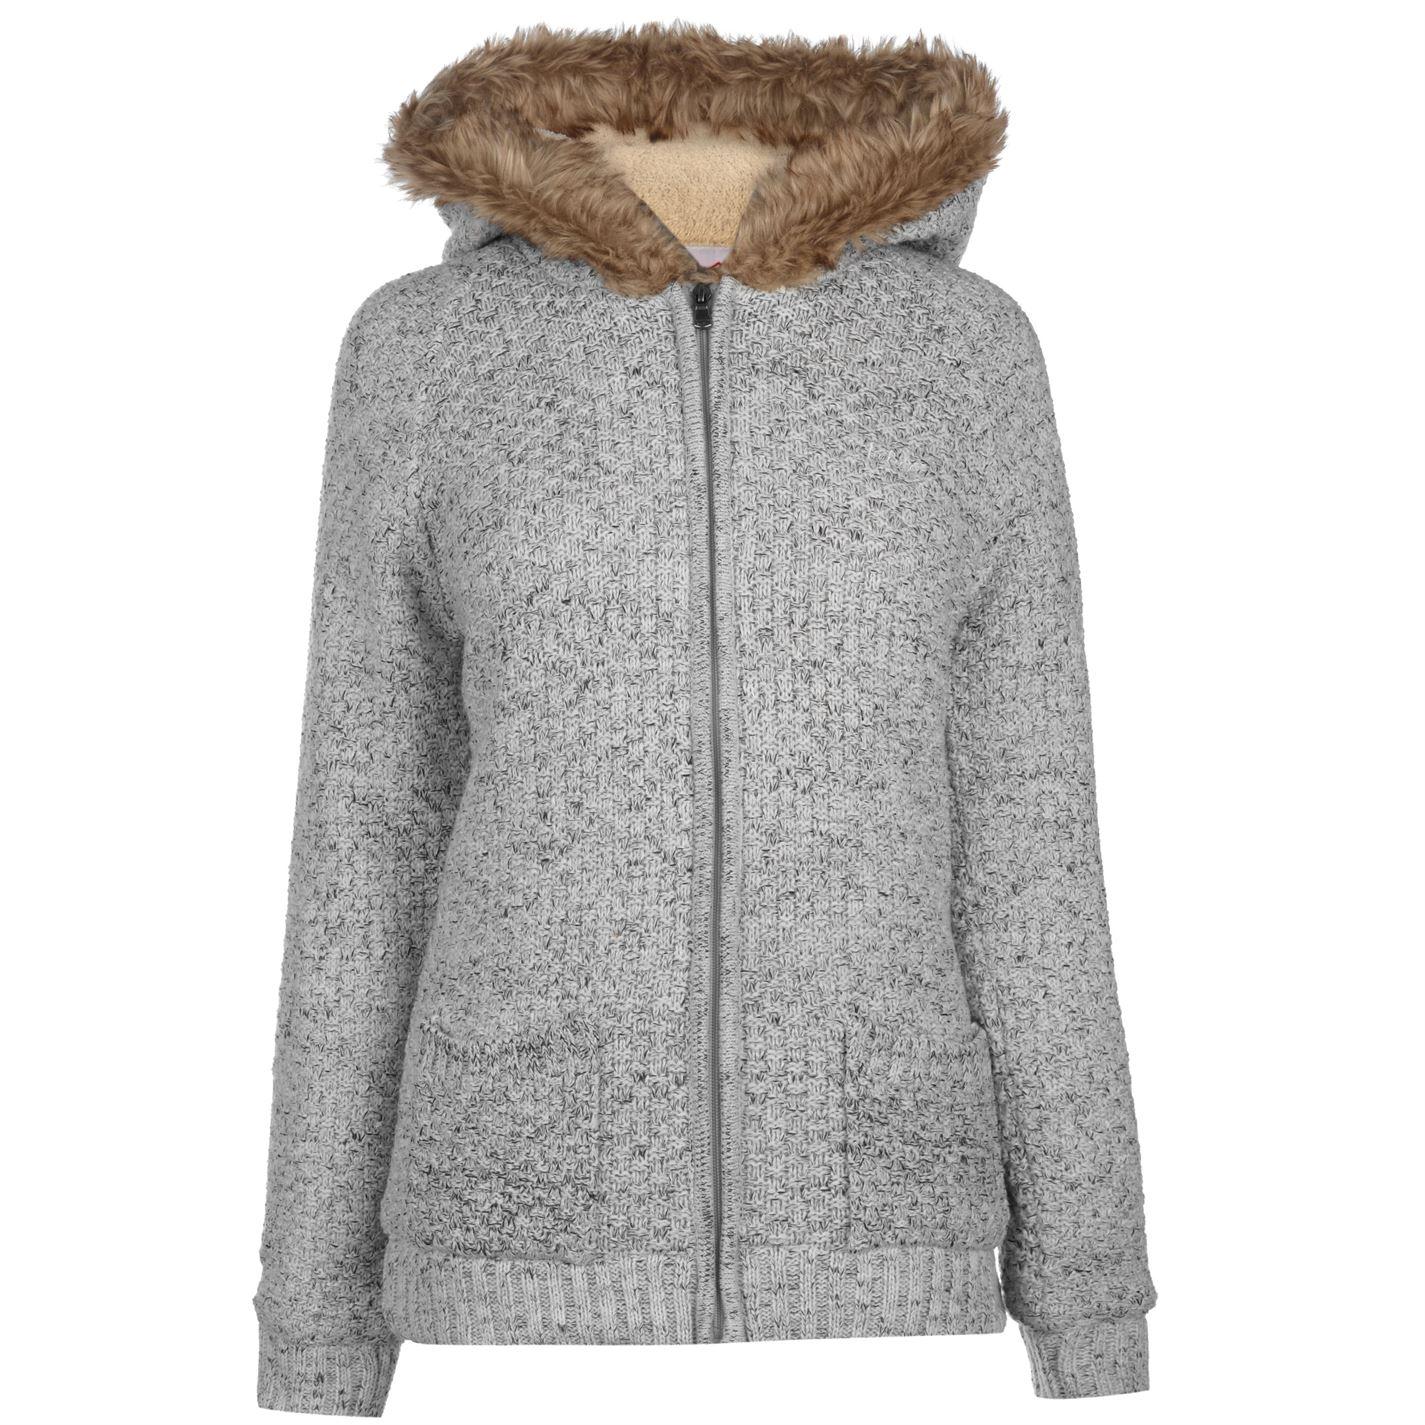 Lee Cooper Hooded Zip Knit Jacket dámské